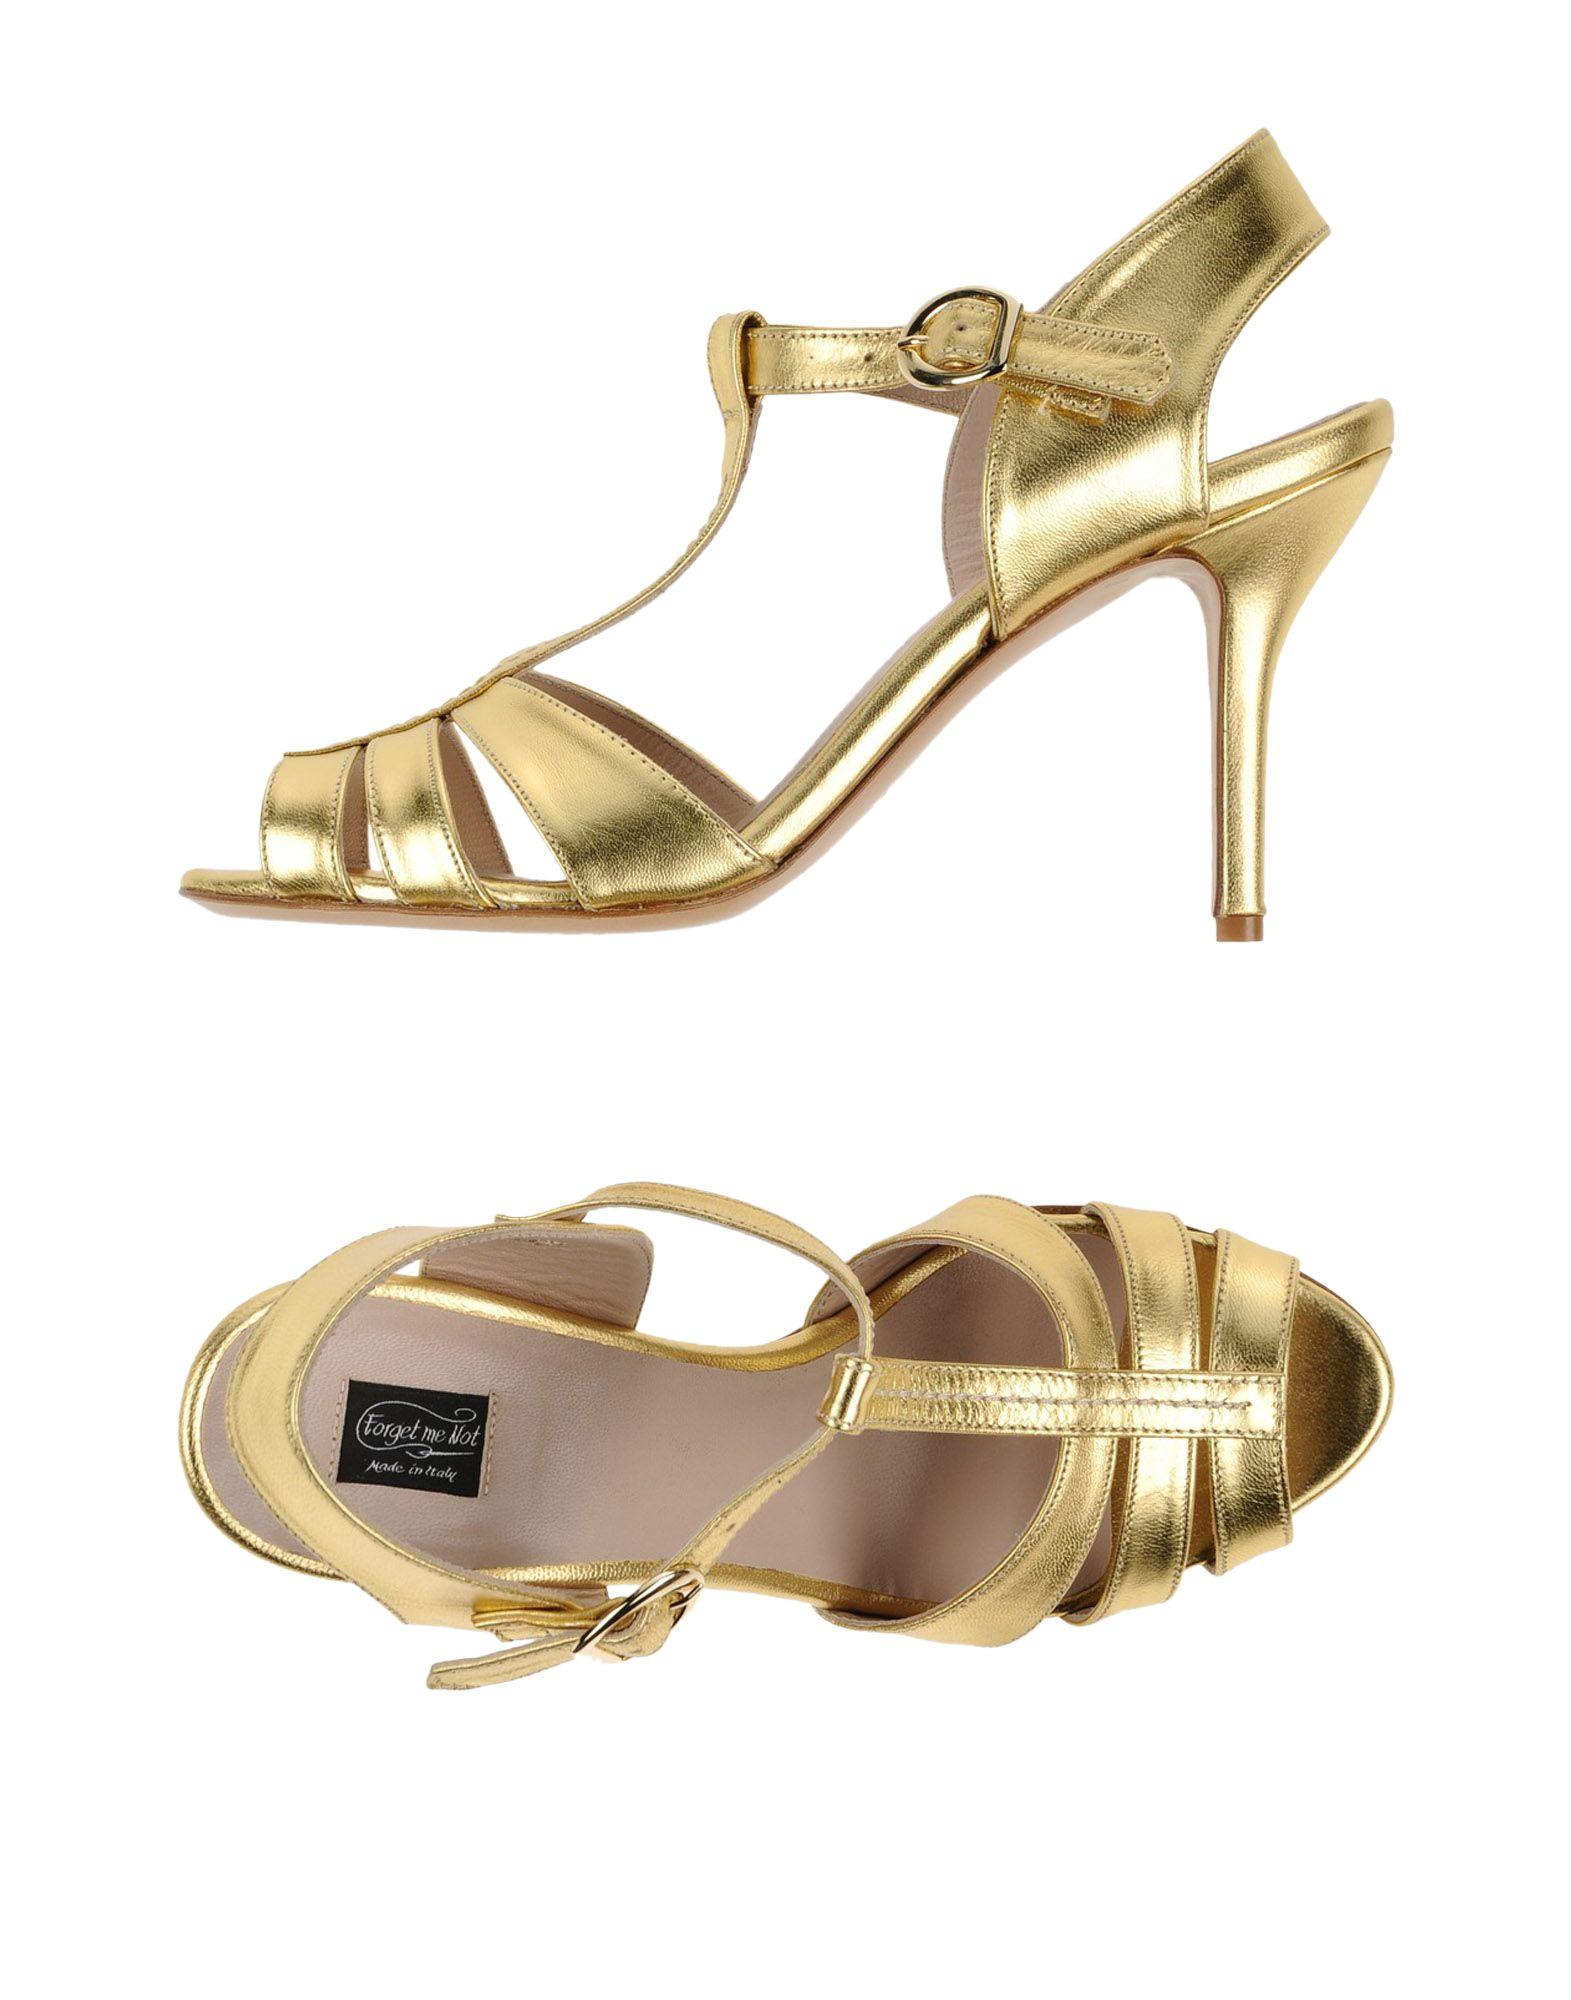 Forget Me Not Sandalen Damen Gute  11193345II Gute Damen Qualität beliebte Schuhe aa63b8